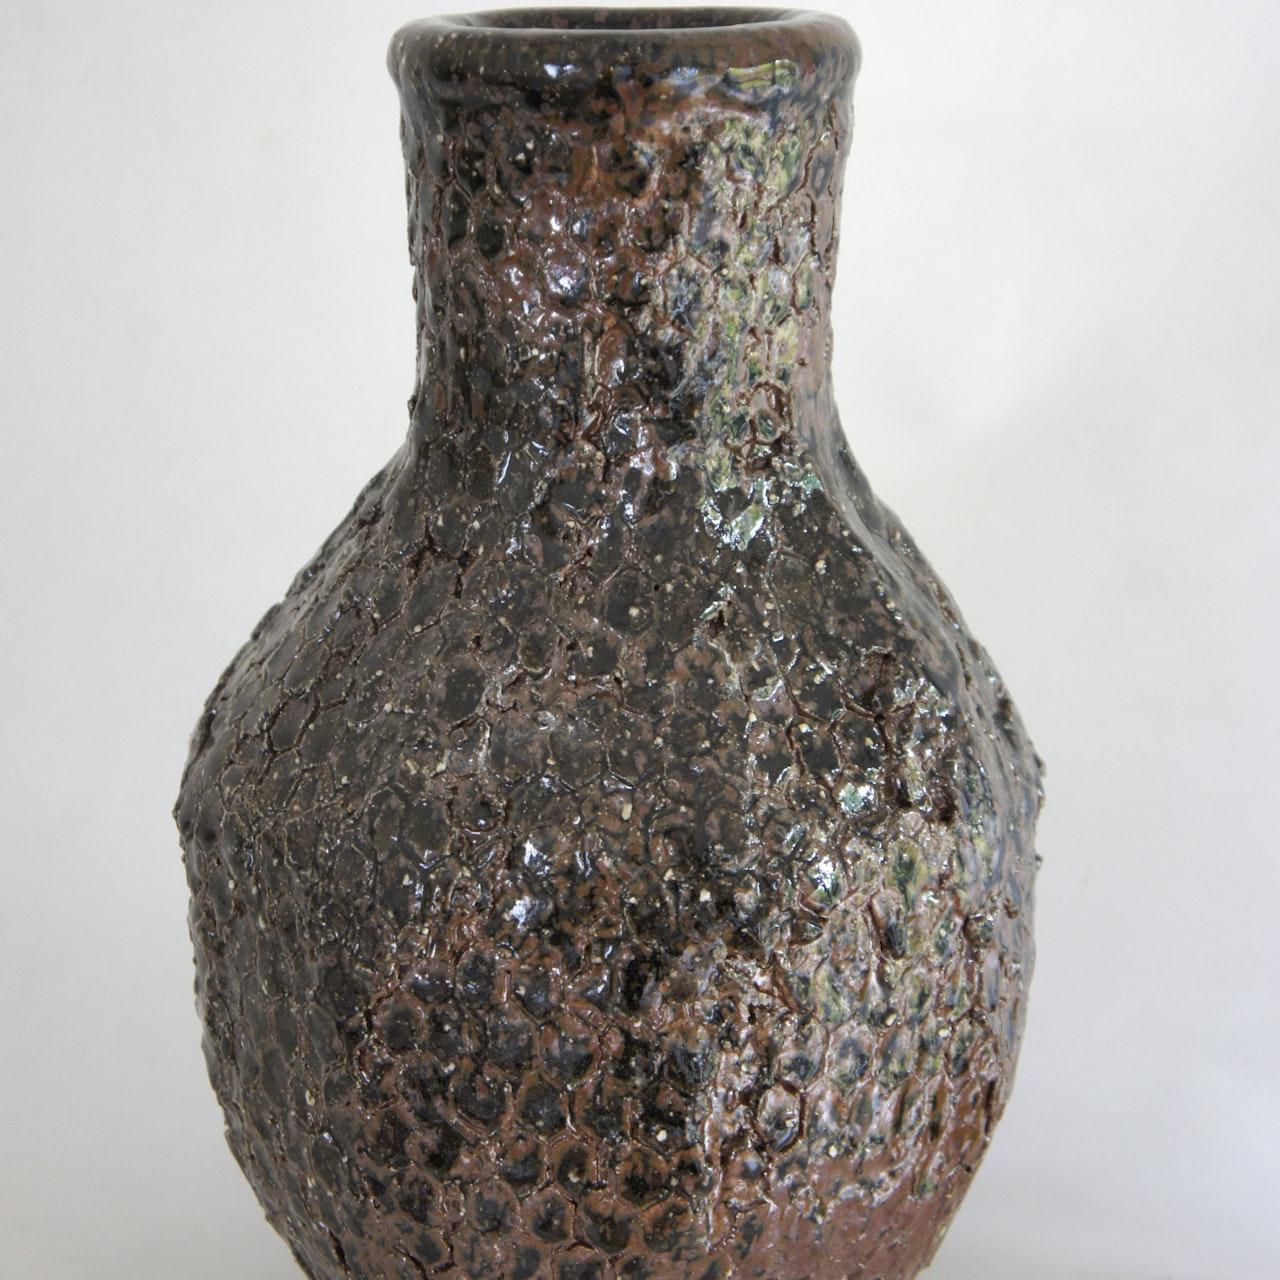 Honeycomb vase